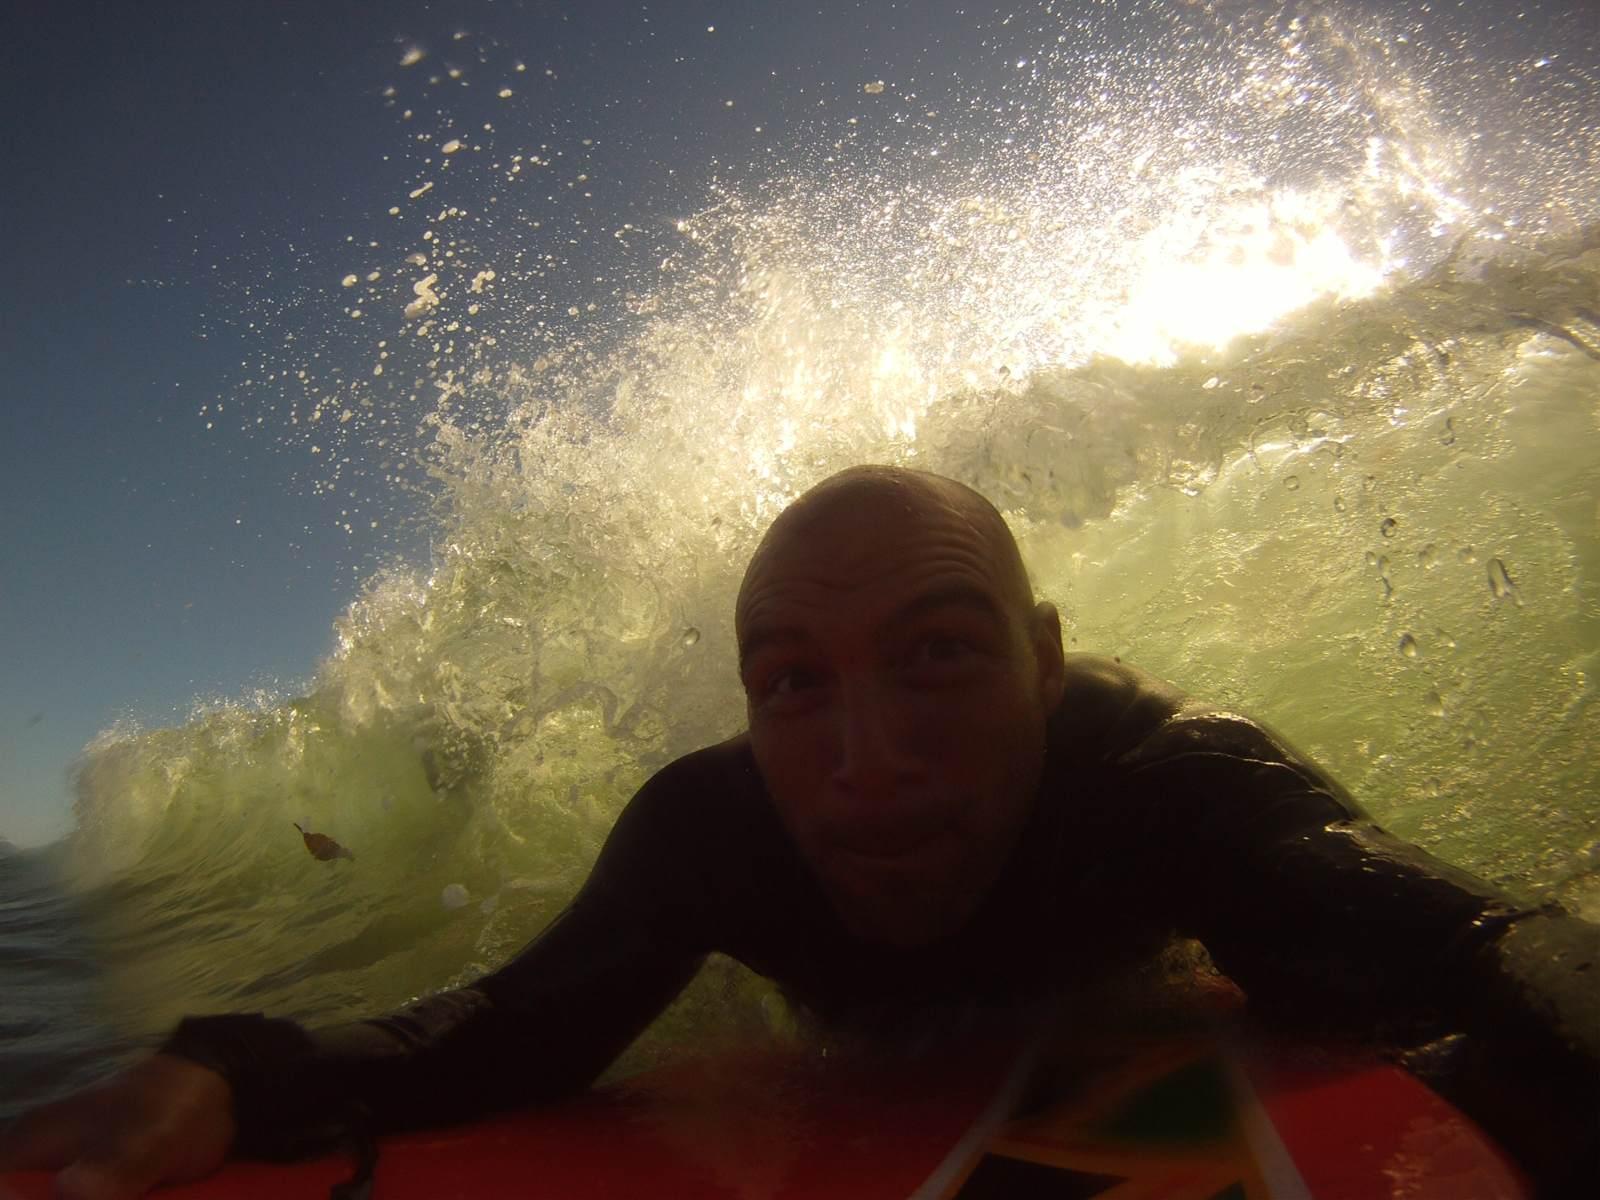 Boogie boarding in Santa Cruz